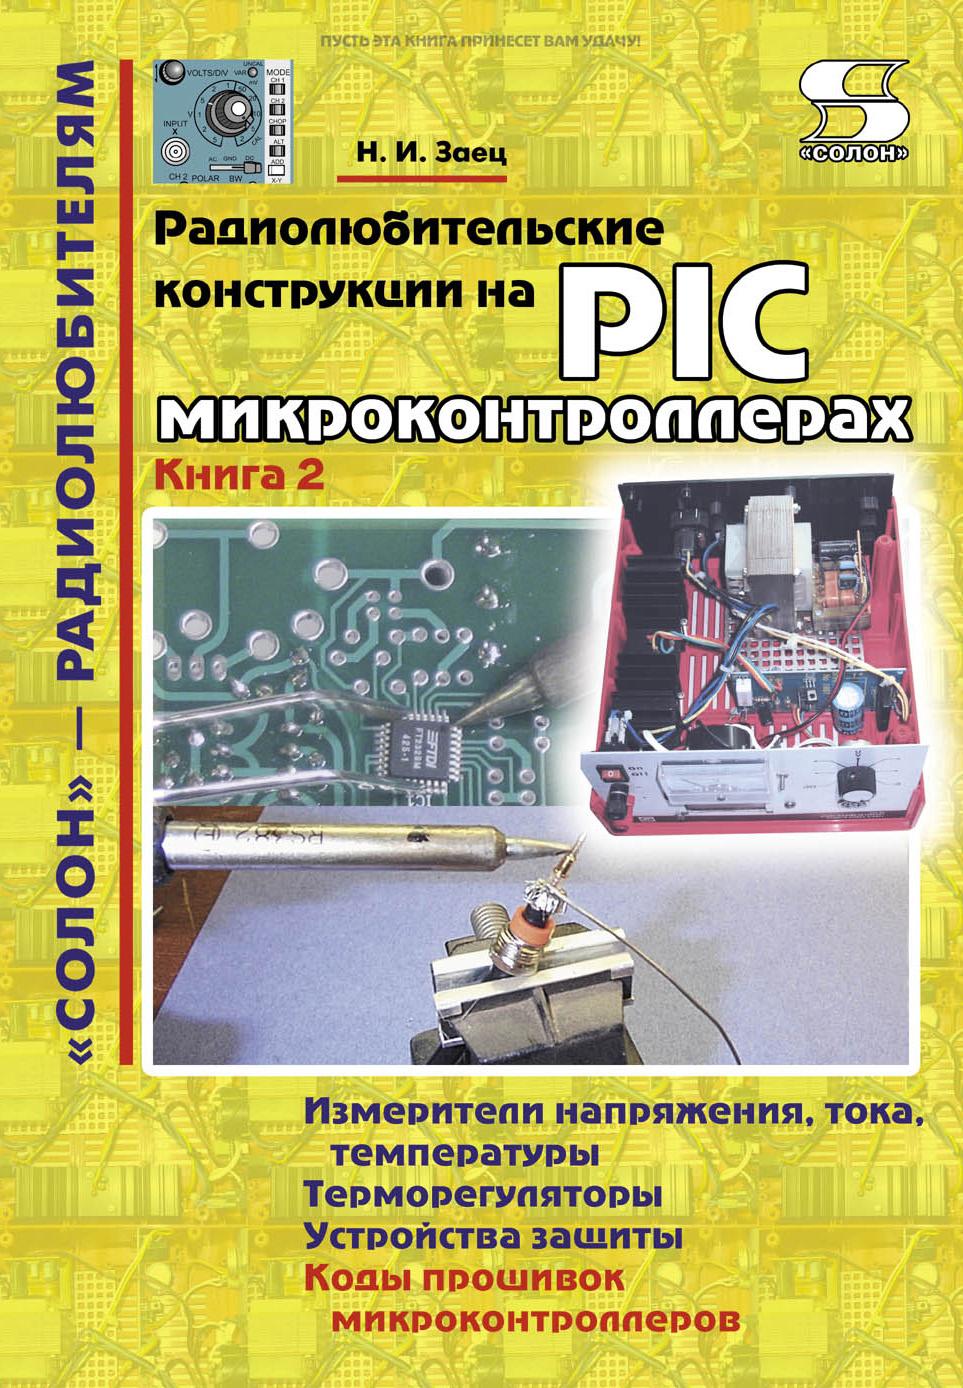 Радиолюбительские конструкции на PIC-микроконтроллерах. Книга 2